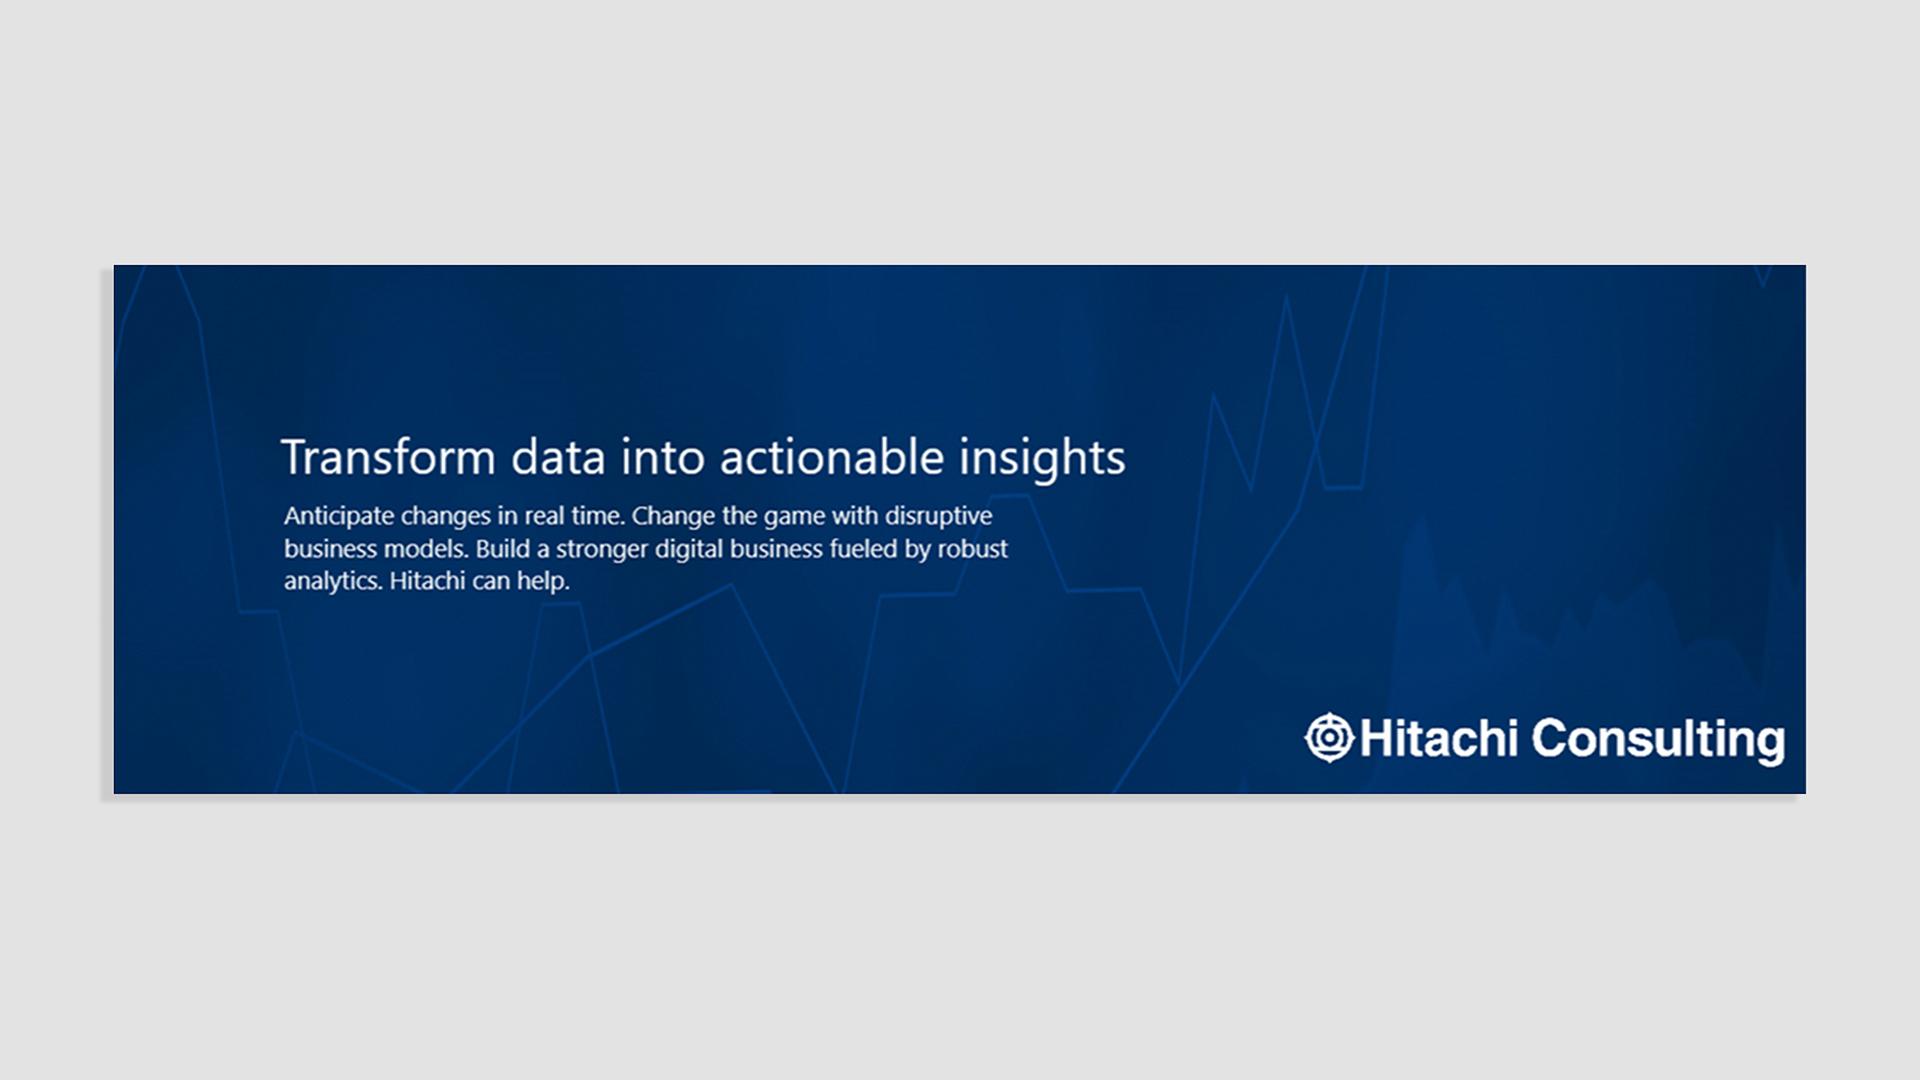 HITACHI NEW 2.jpg